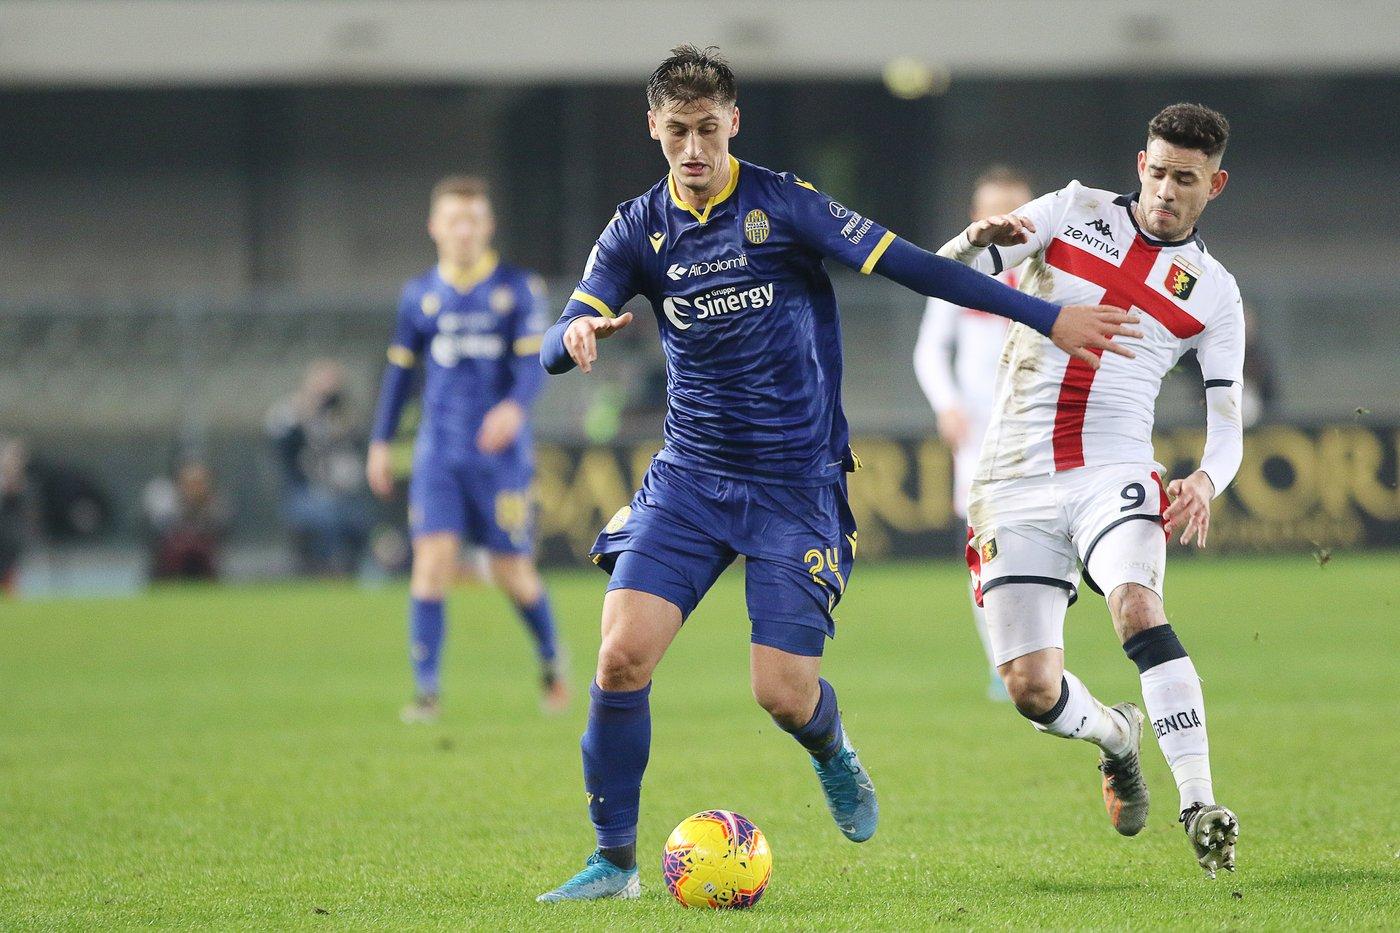 Notizie Lazio - Verona, Kumbulla KO: i dettagli dell'infortunio